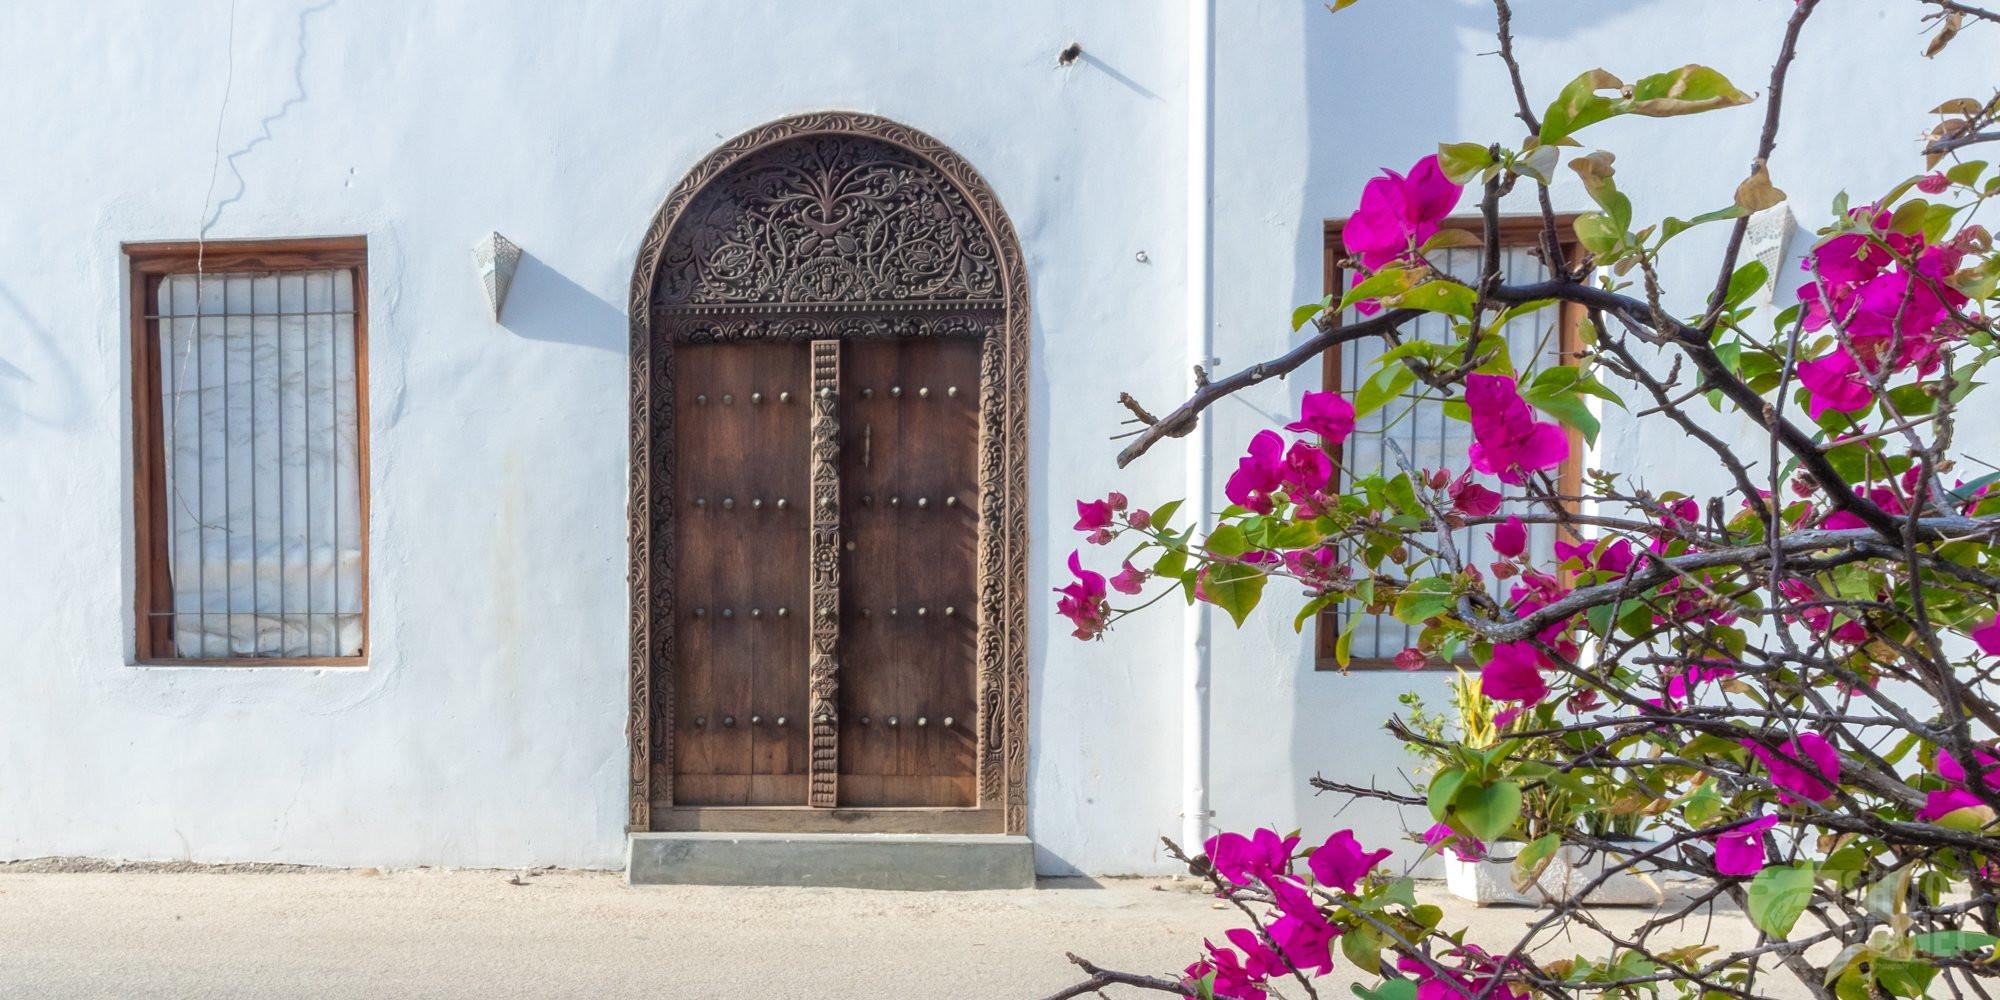 Ancient wooden door in Stone Town, Zanzibar